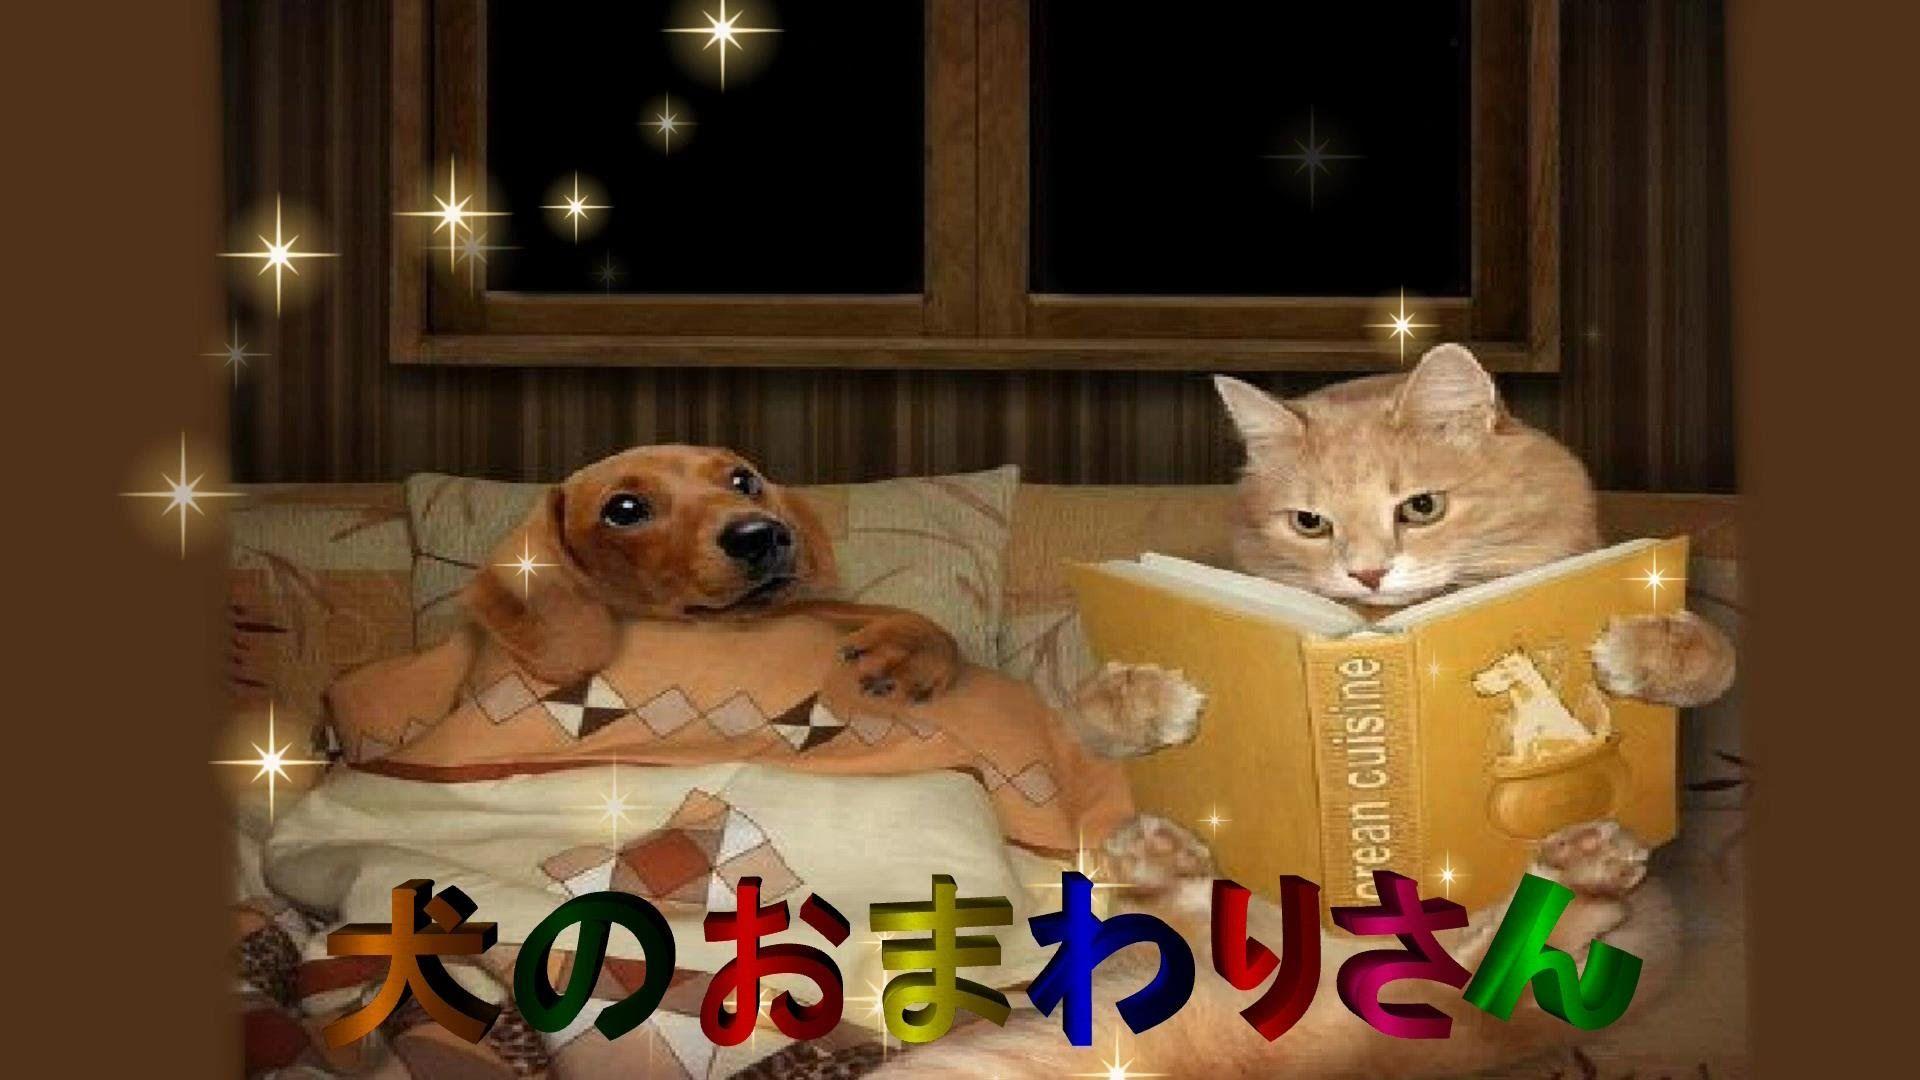 おまわりさん 歌詞 の 犬